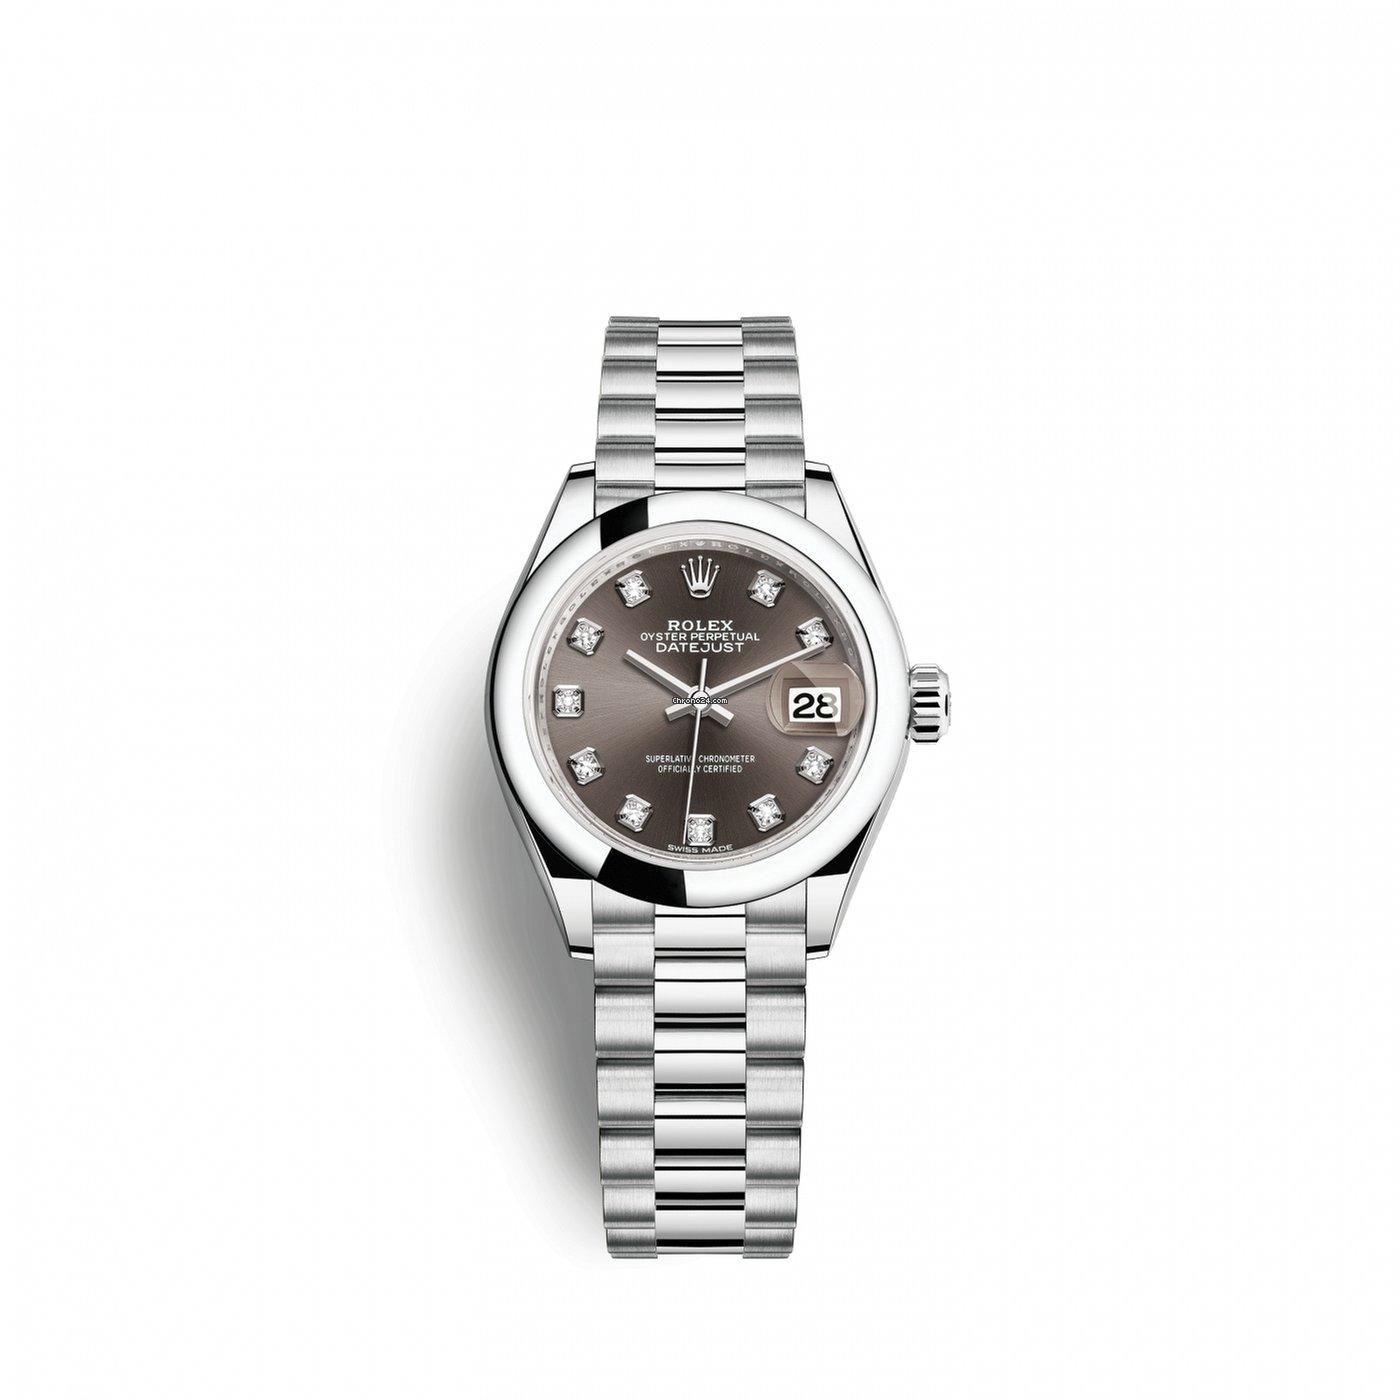 Rolex Lady Datejust 28 28 Mm Platinum 279166 0011 Ladies Watch